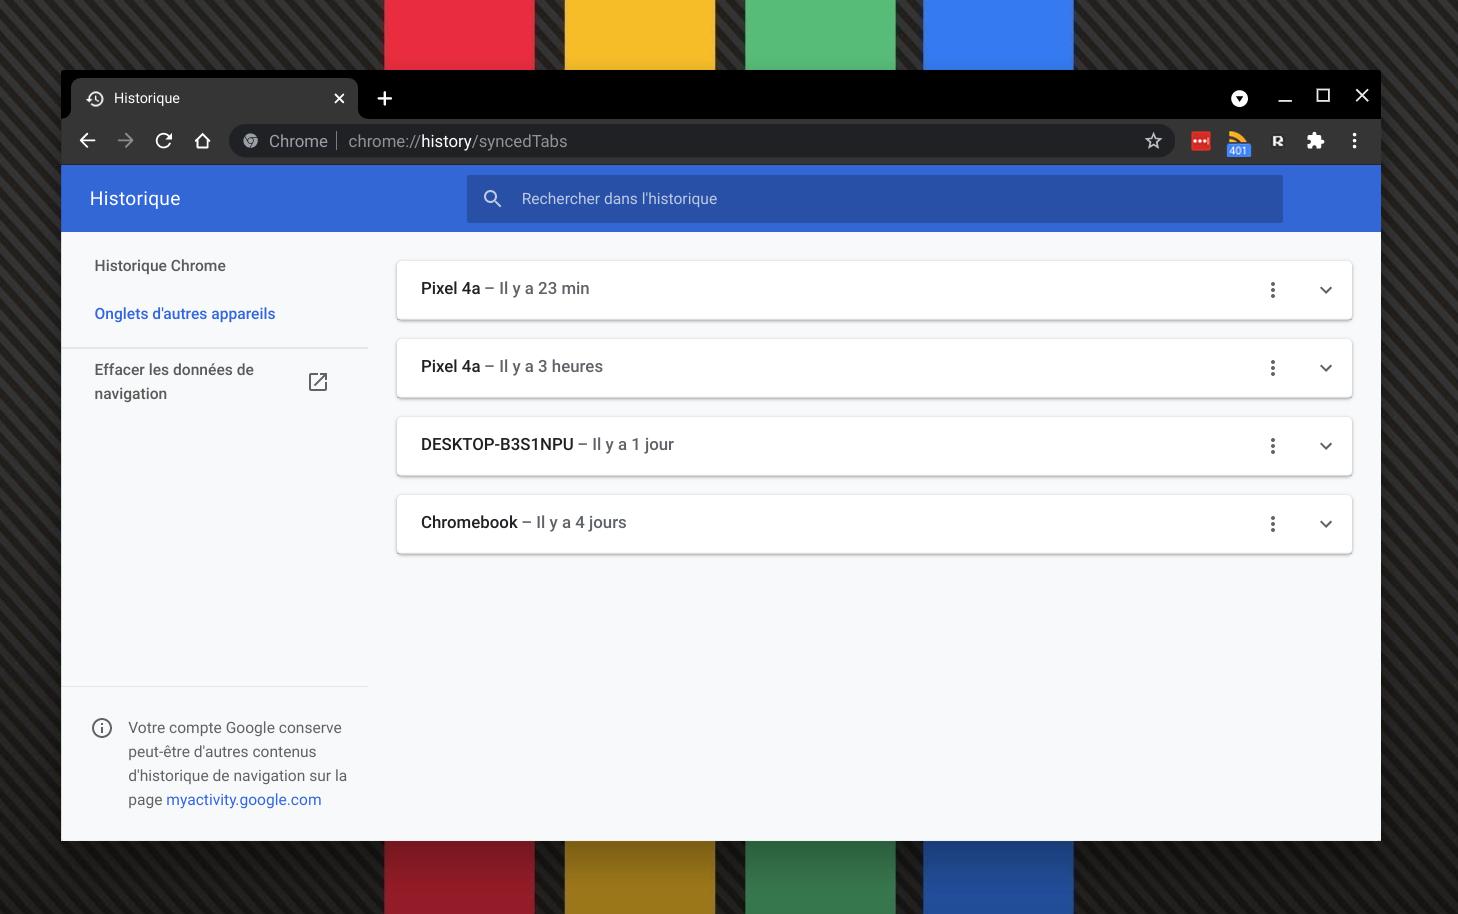 Retrouvez votre historique de navigation sur Chrome